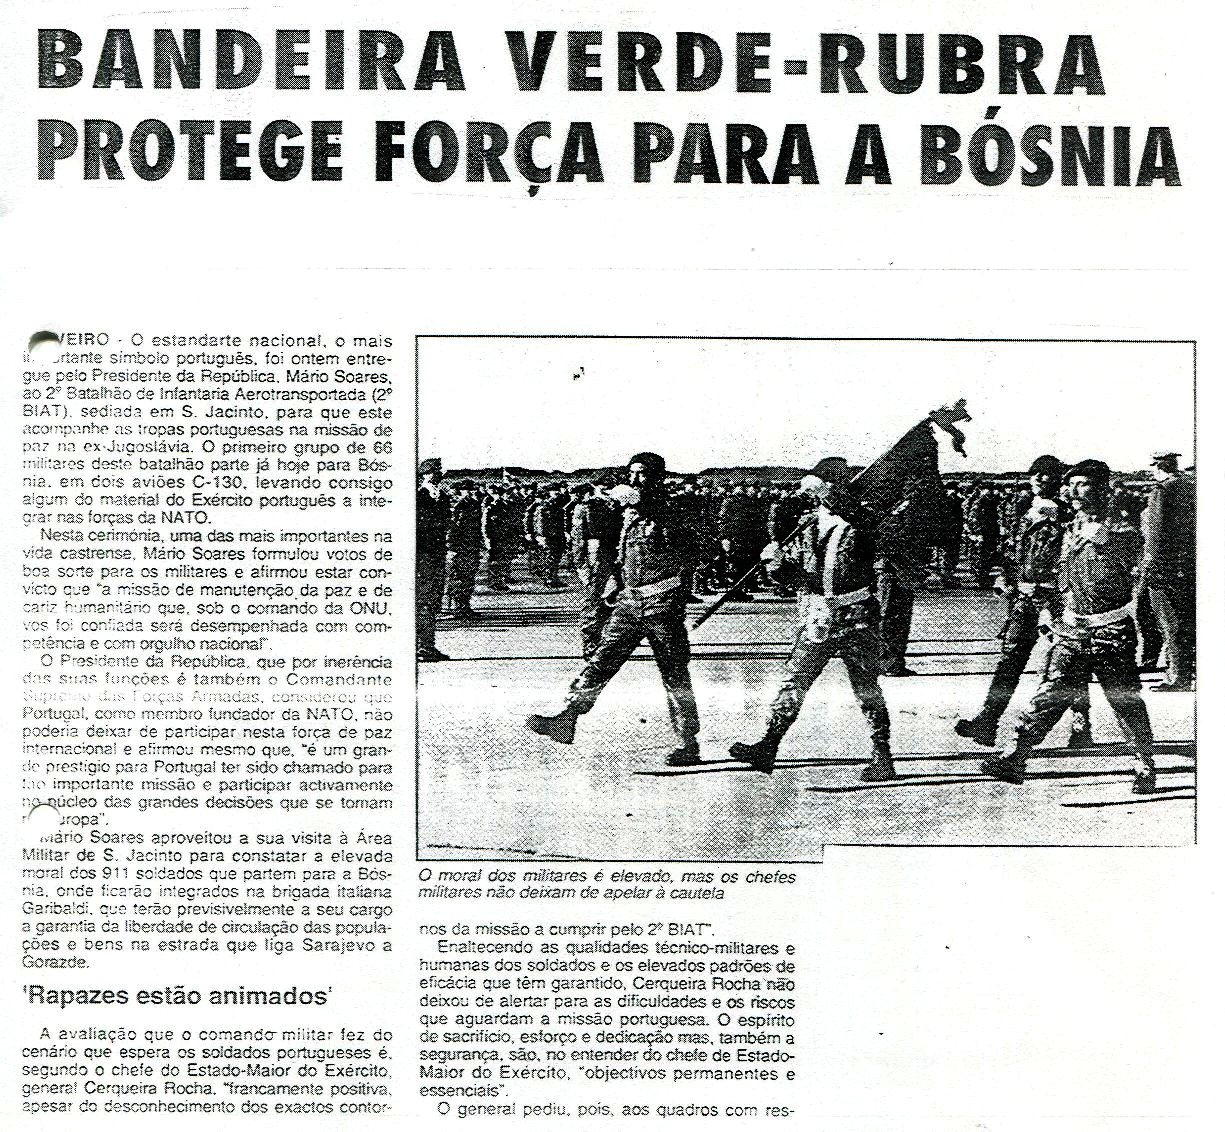 16JAN1996 - Correio da Manhã